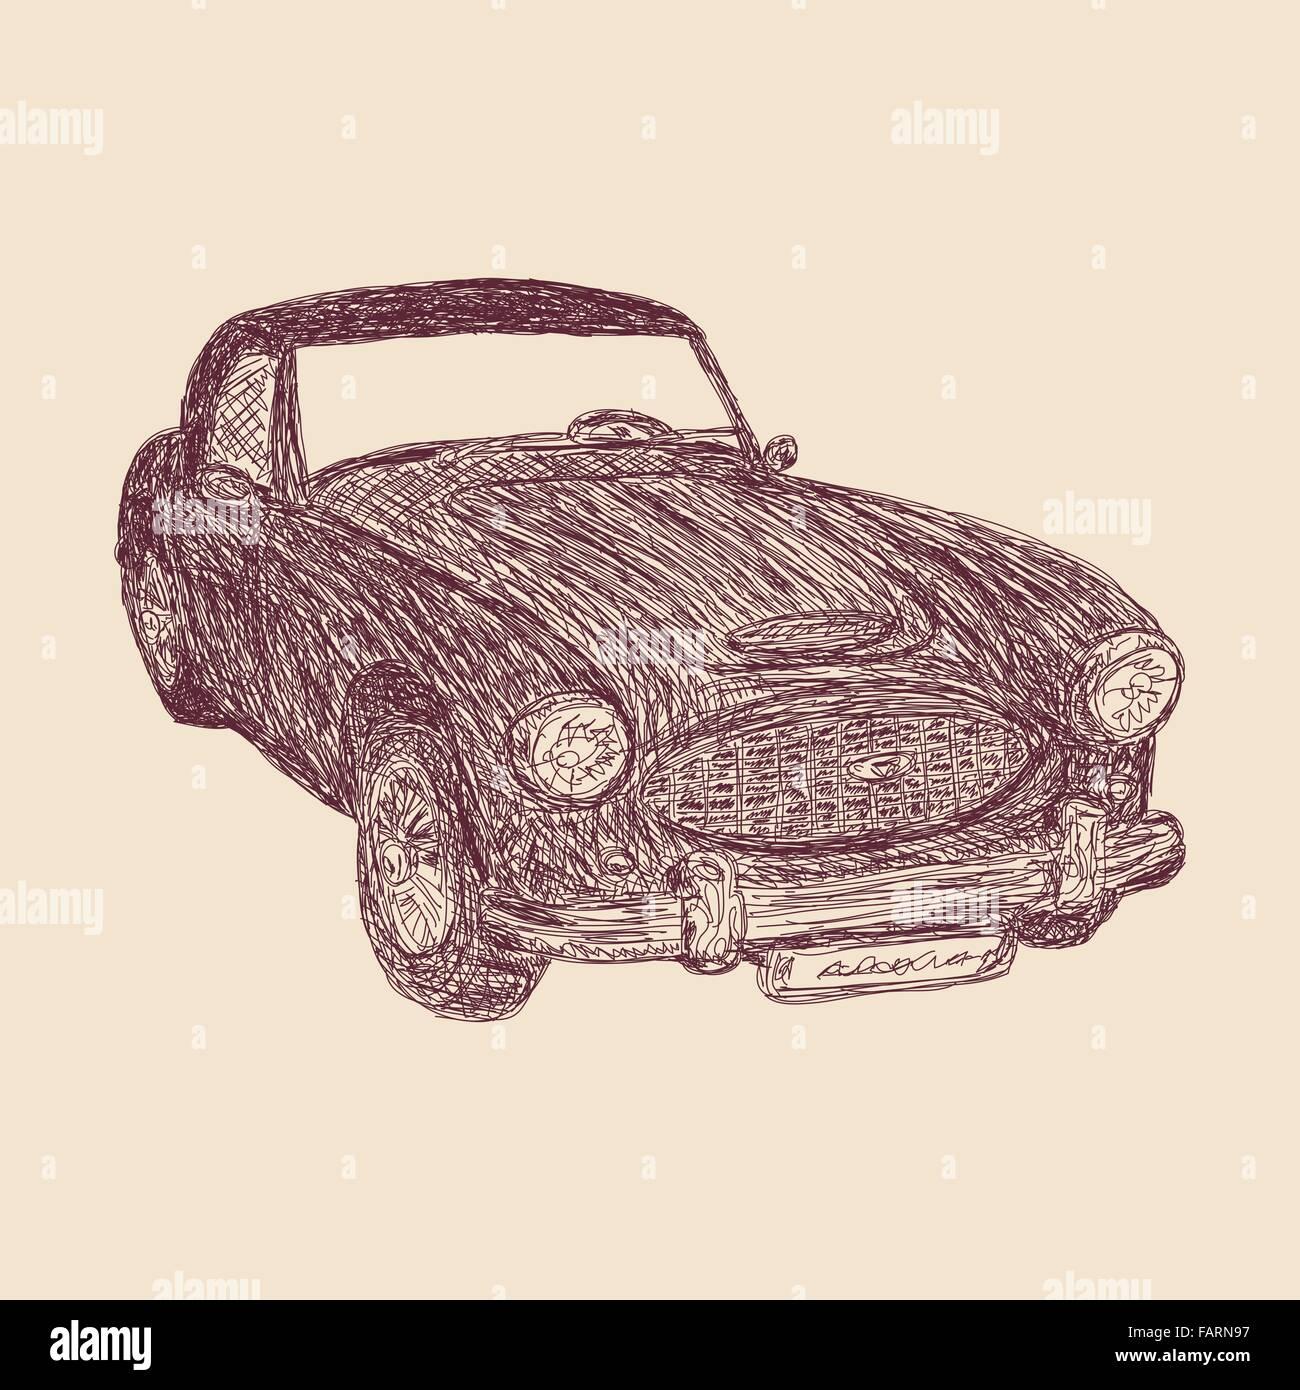 Transportation Sketch Stockfotos & Transportation Sketch Bilder - Alamy